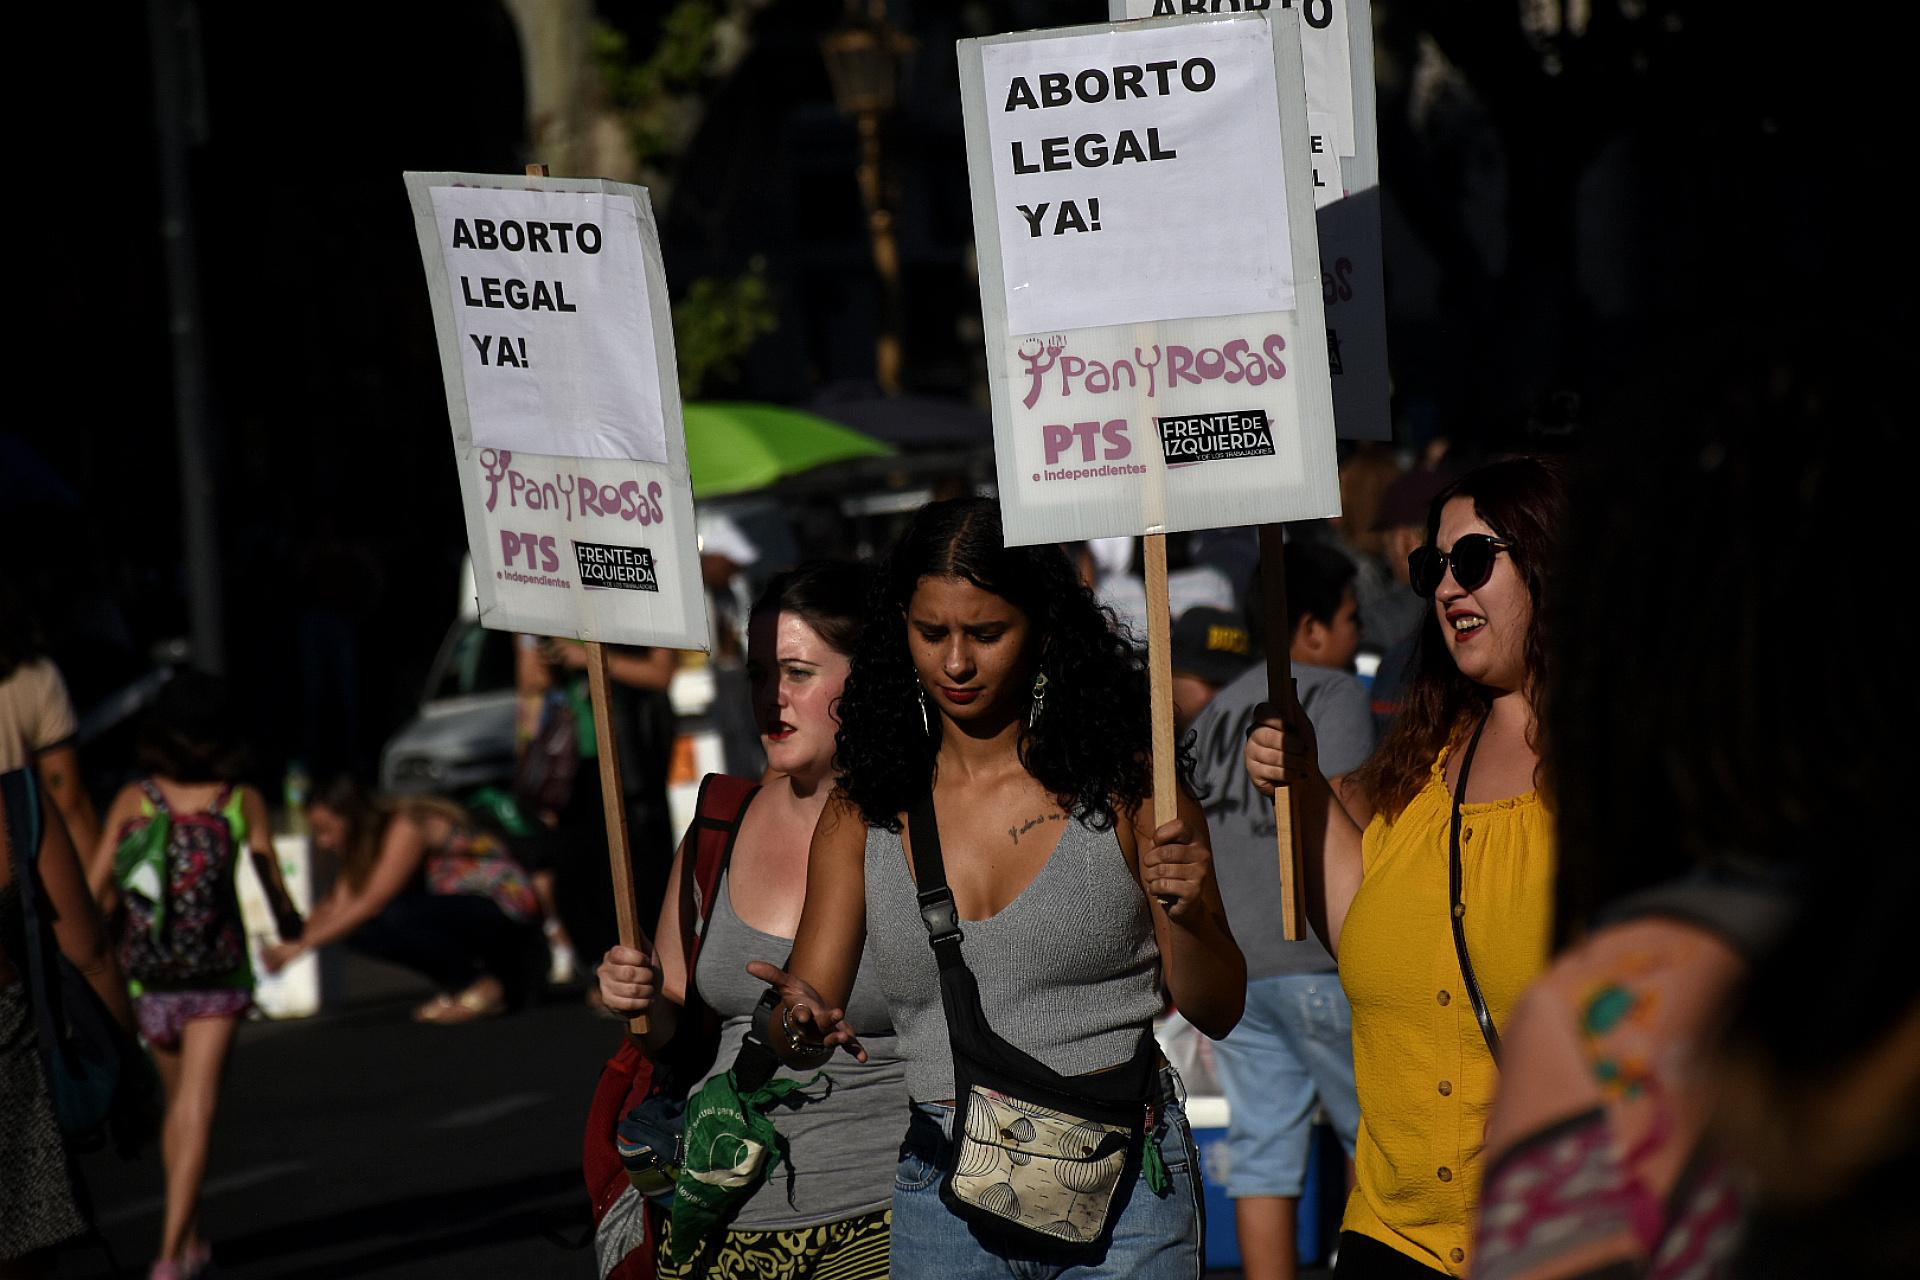 Los mensajes a favor del aborto se replicaron en los carteles y banderas